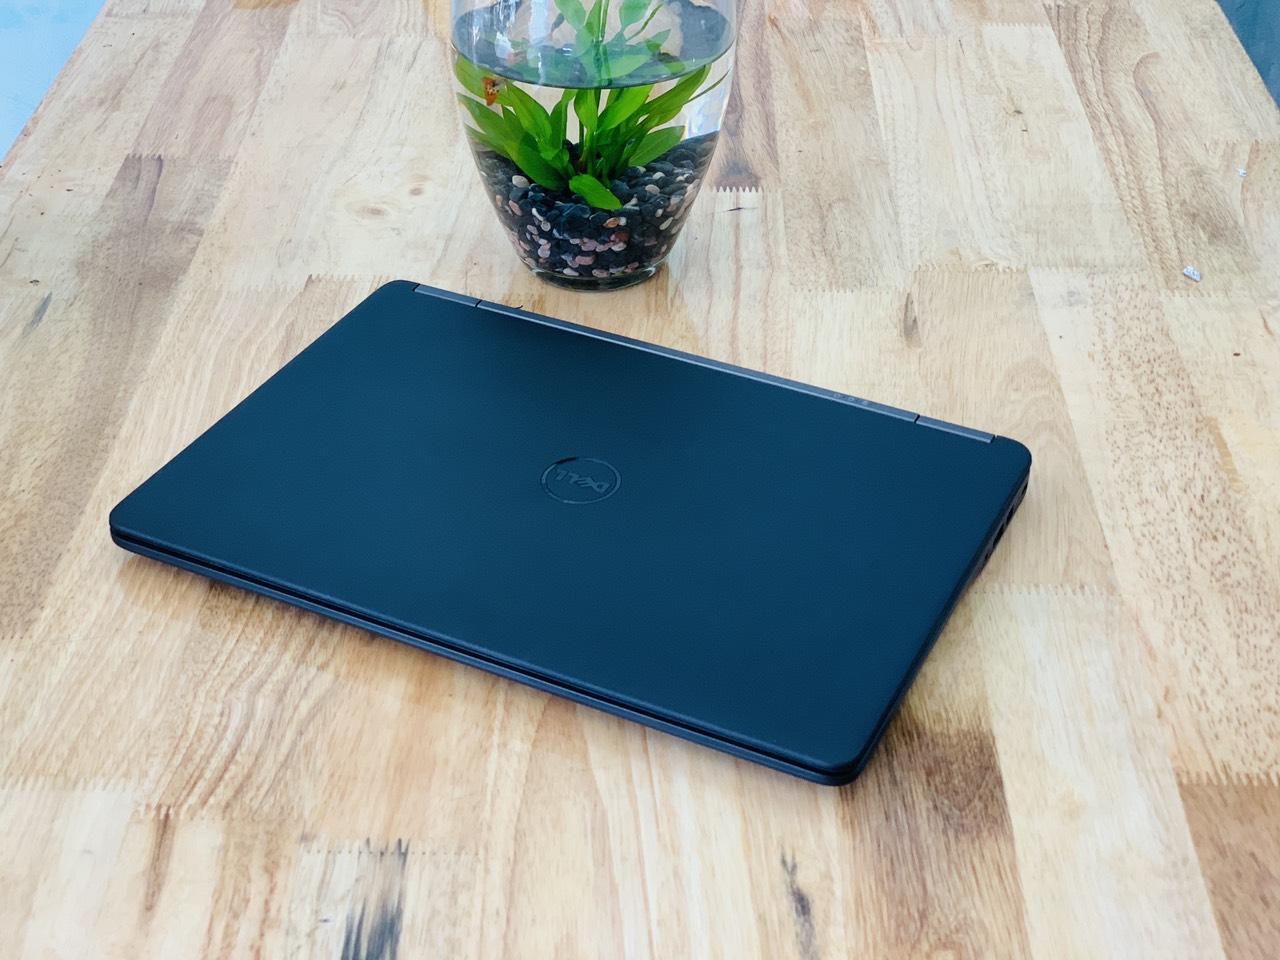 ab785c8fb3f257ac0ee3 Laptop Dell Latitude E7250 i5 5300U Ram 8GB SSD 256GB 12.5 inch Siêu Bền Siêu Mỏng